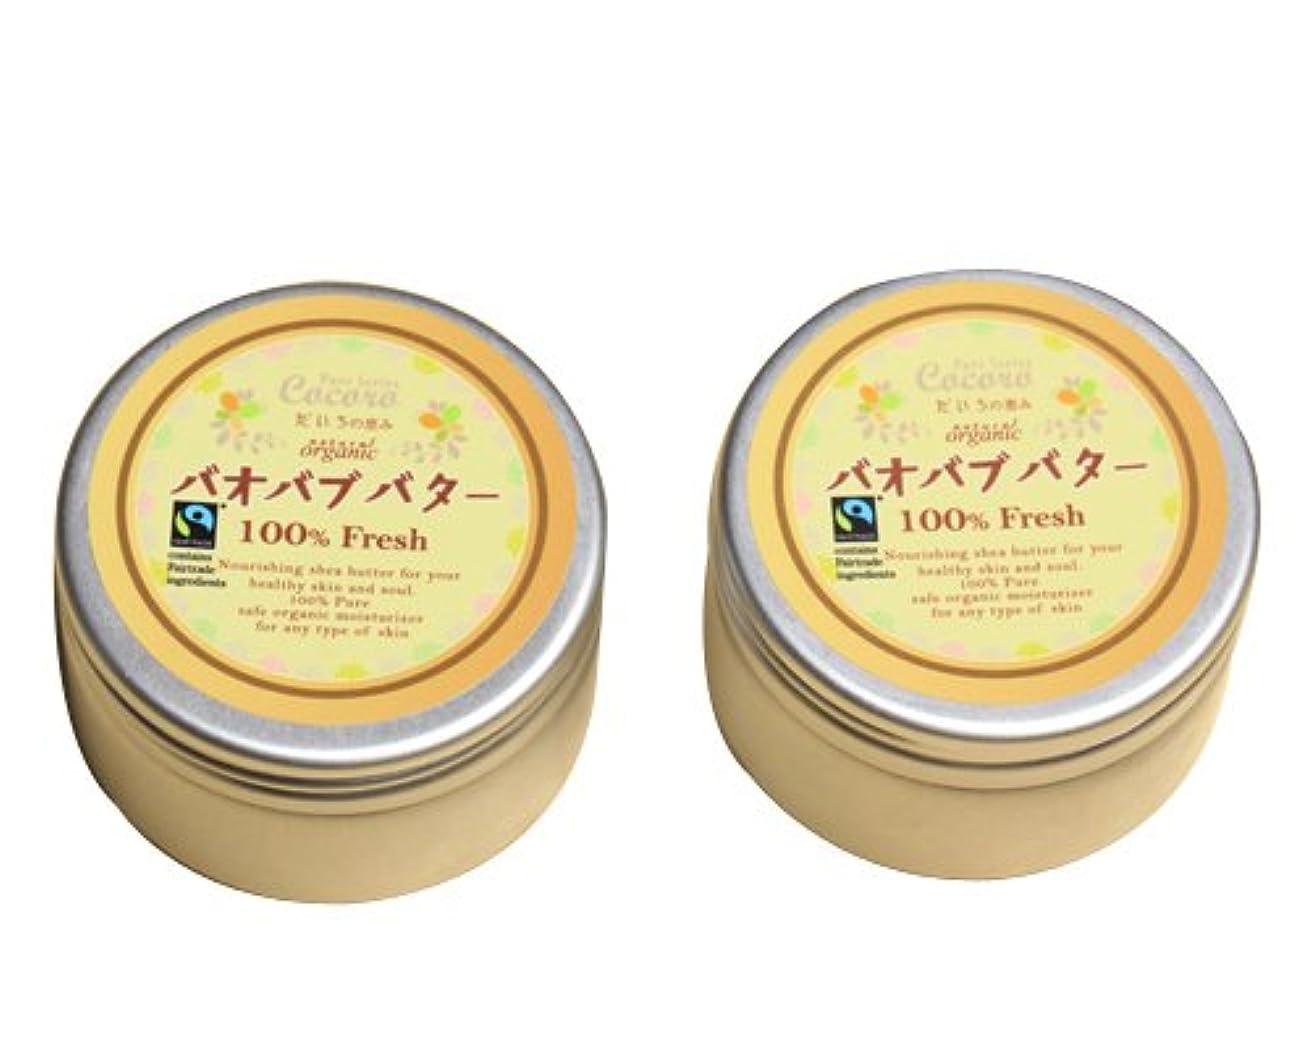 ハプニング花孤独シアバターとバオバブオイルのブレンドバター フェアトレード認証つき 2個